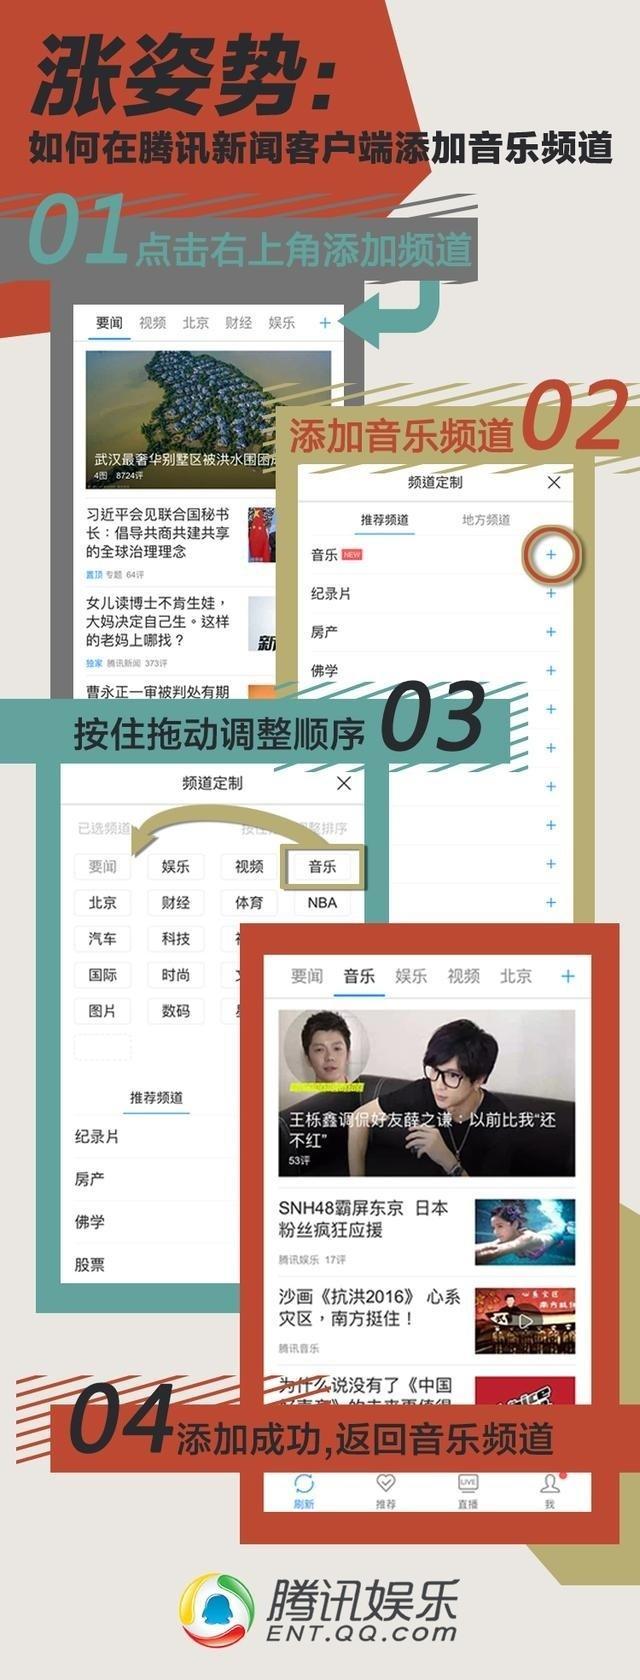 蔡琴北京演唱会将启 最爱这风华绝代的经典风范